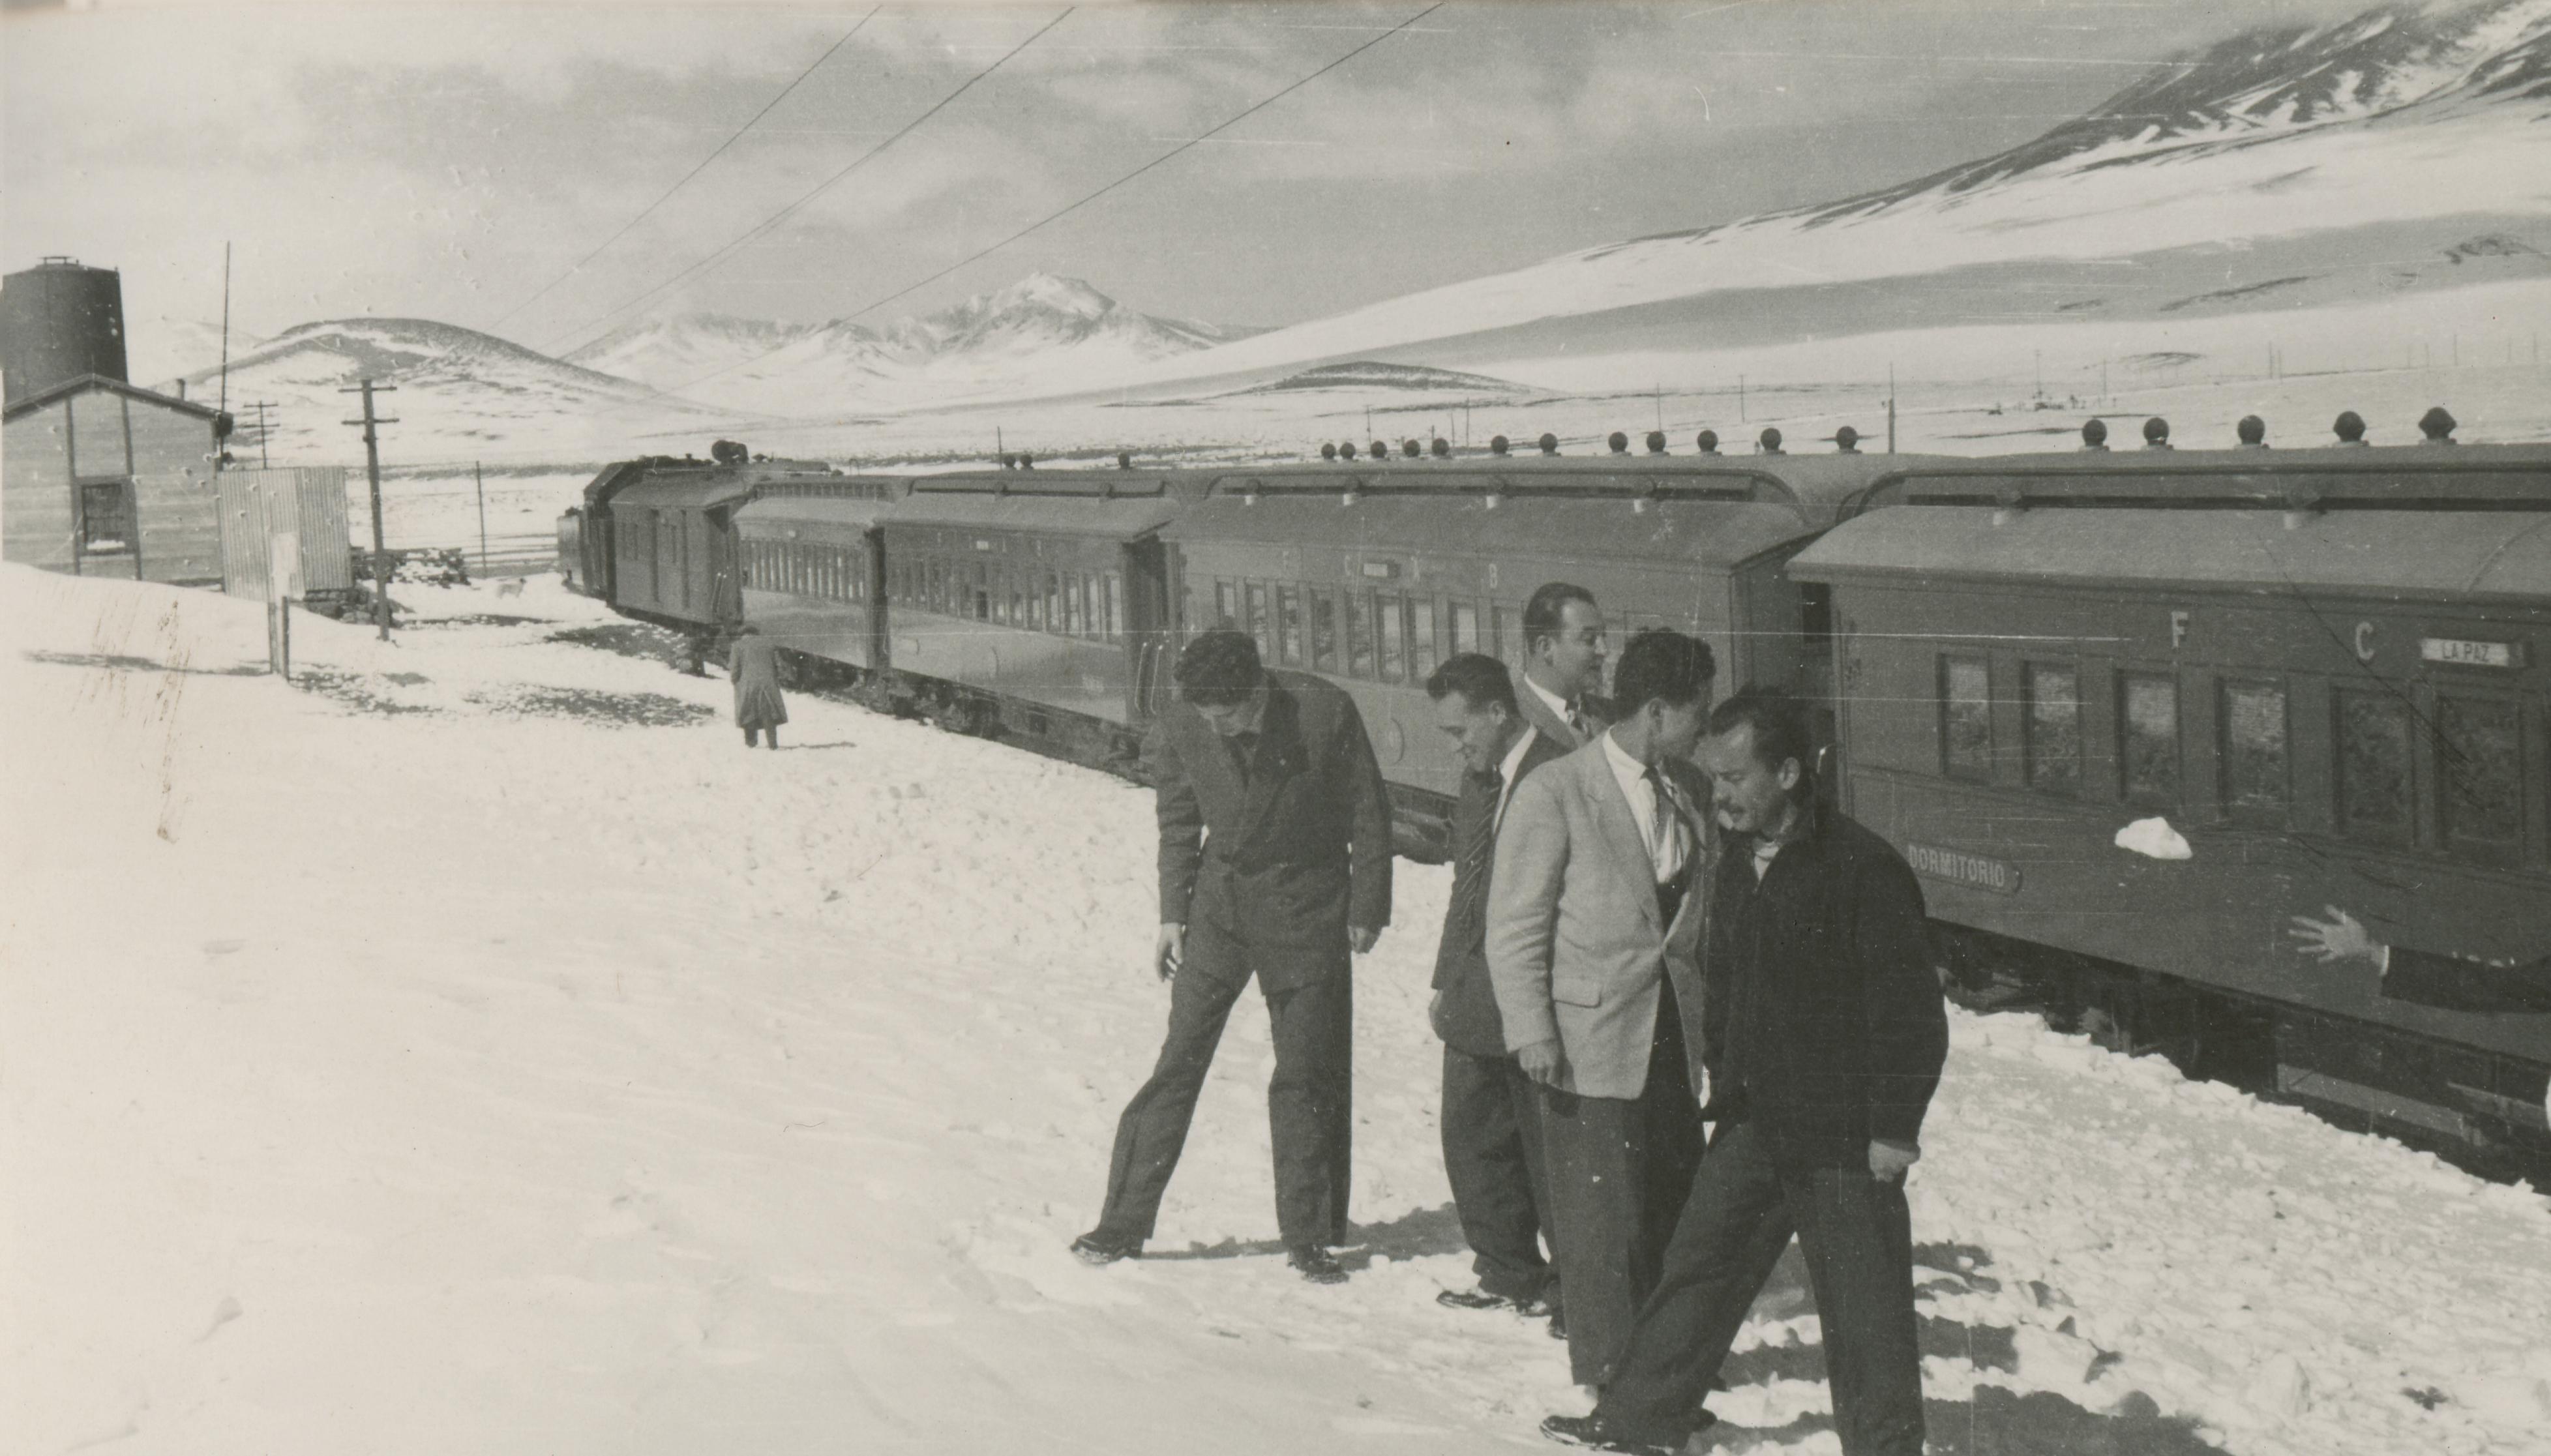 Enterreno - Fotos históricas de chile - fotos antiguas de Chile - Tren trasandino, Ollagüe en 1950